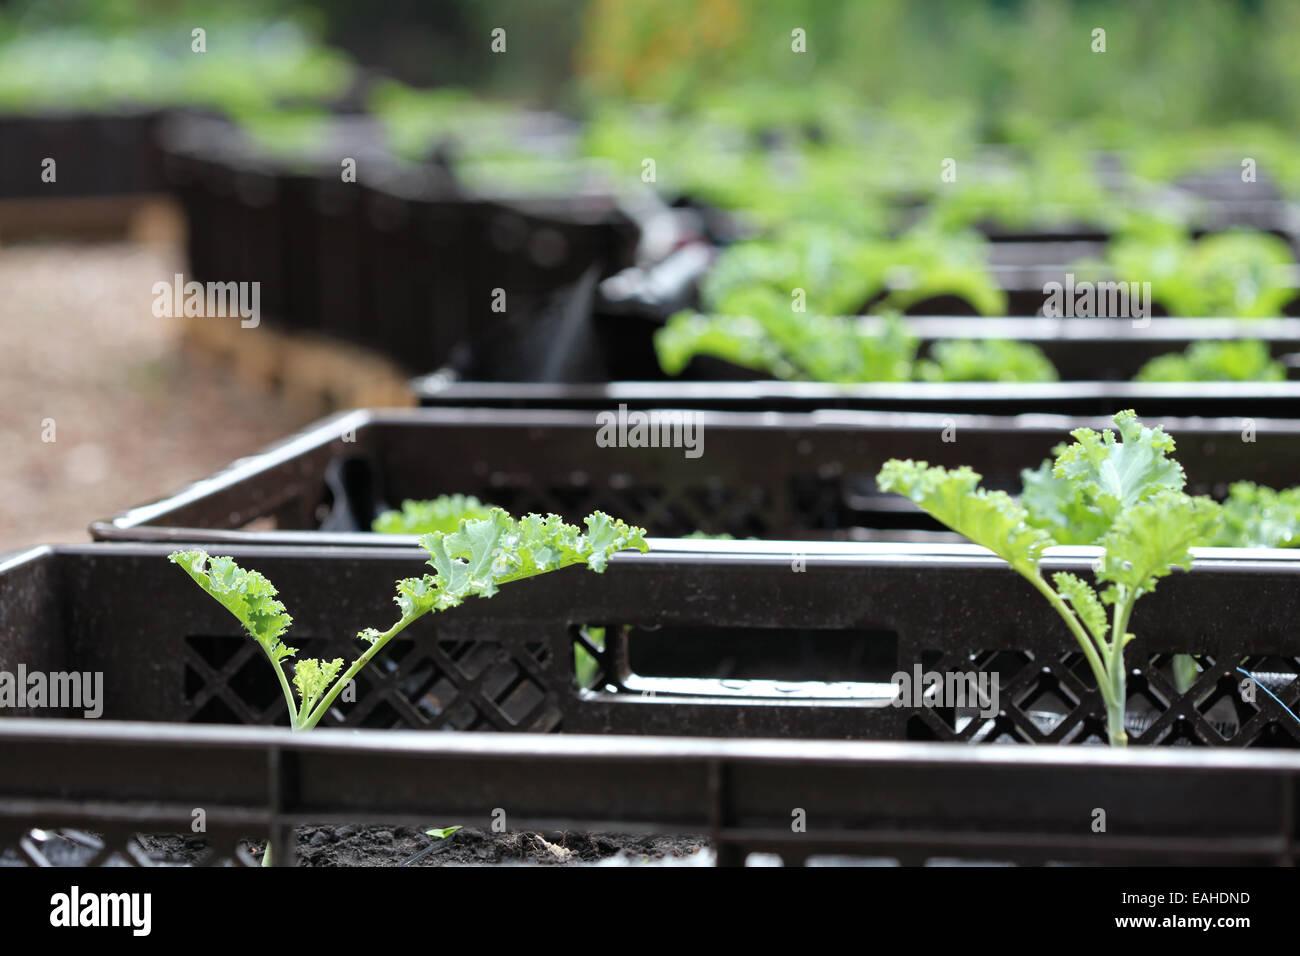 Close-up de la col rizada plántulas cultivadas en planta de cajas en un proyecto de horticultura urbana en Alemania Foto de stock